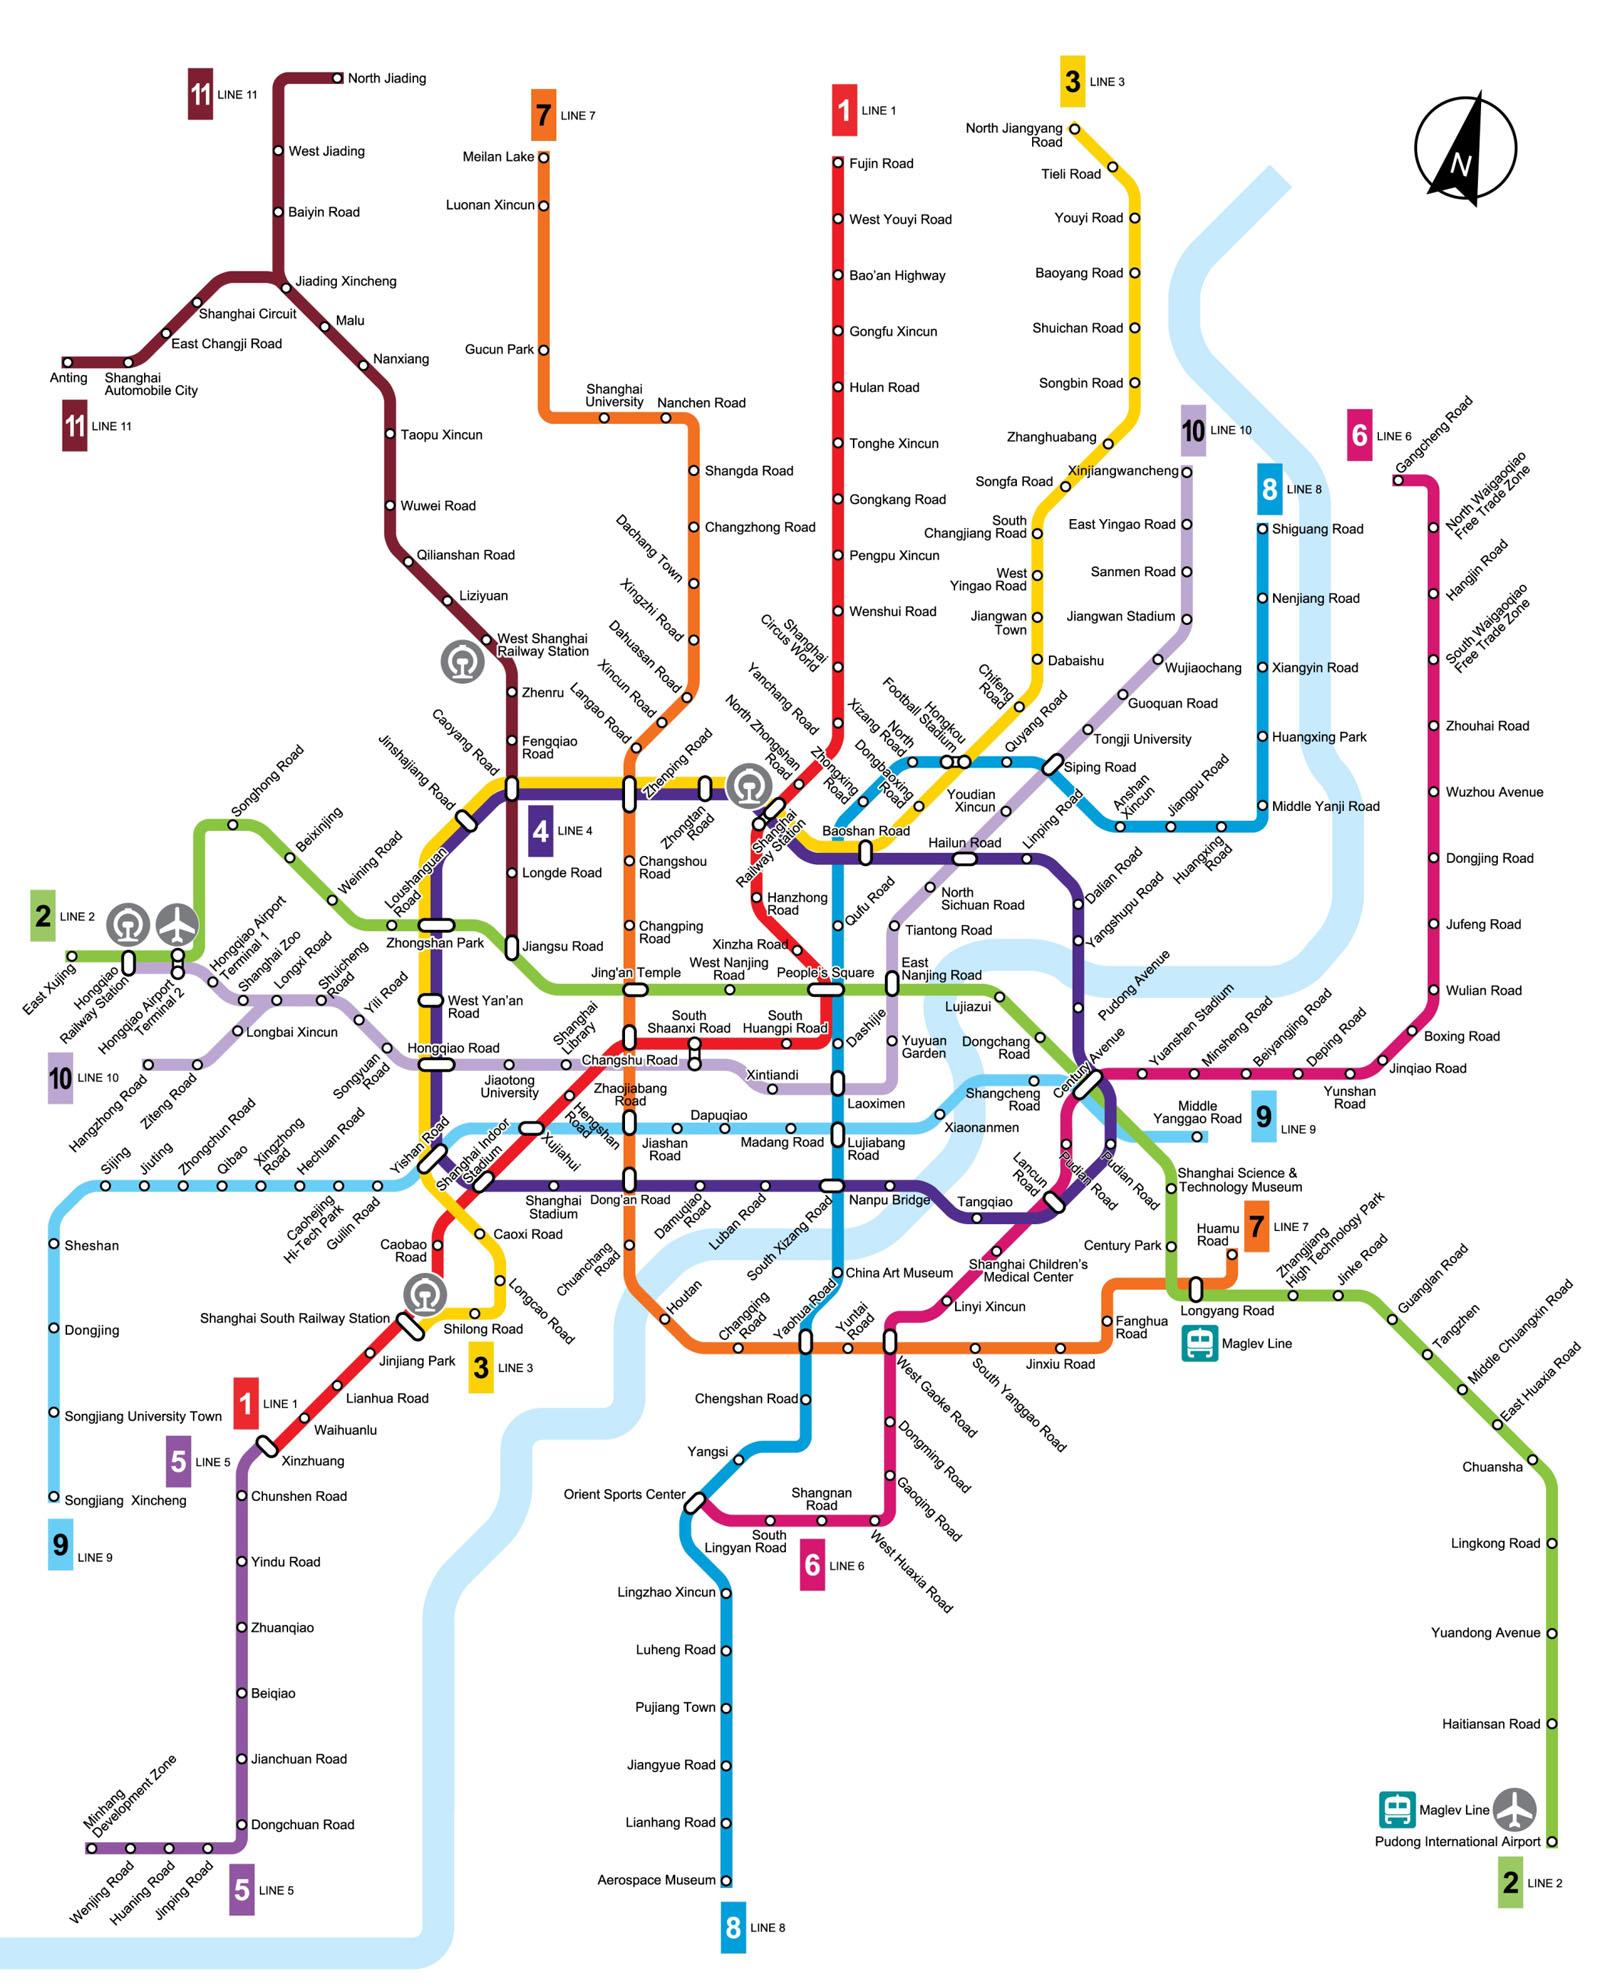 Shanghai Metro Map 2016.Shanghai Photos Maps Transportation Shanghai Maps Shanghai